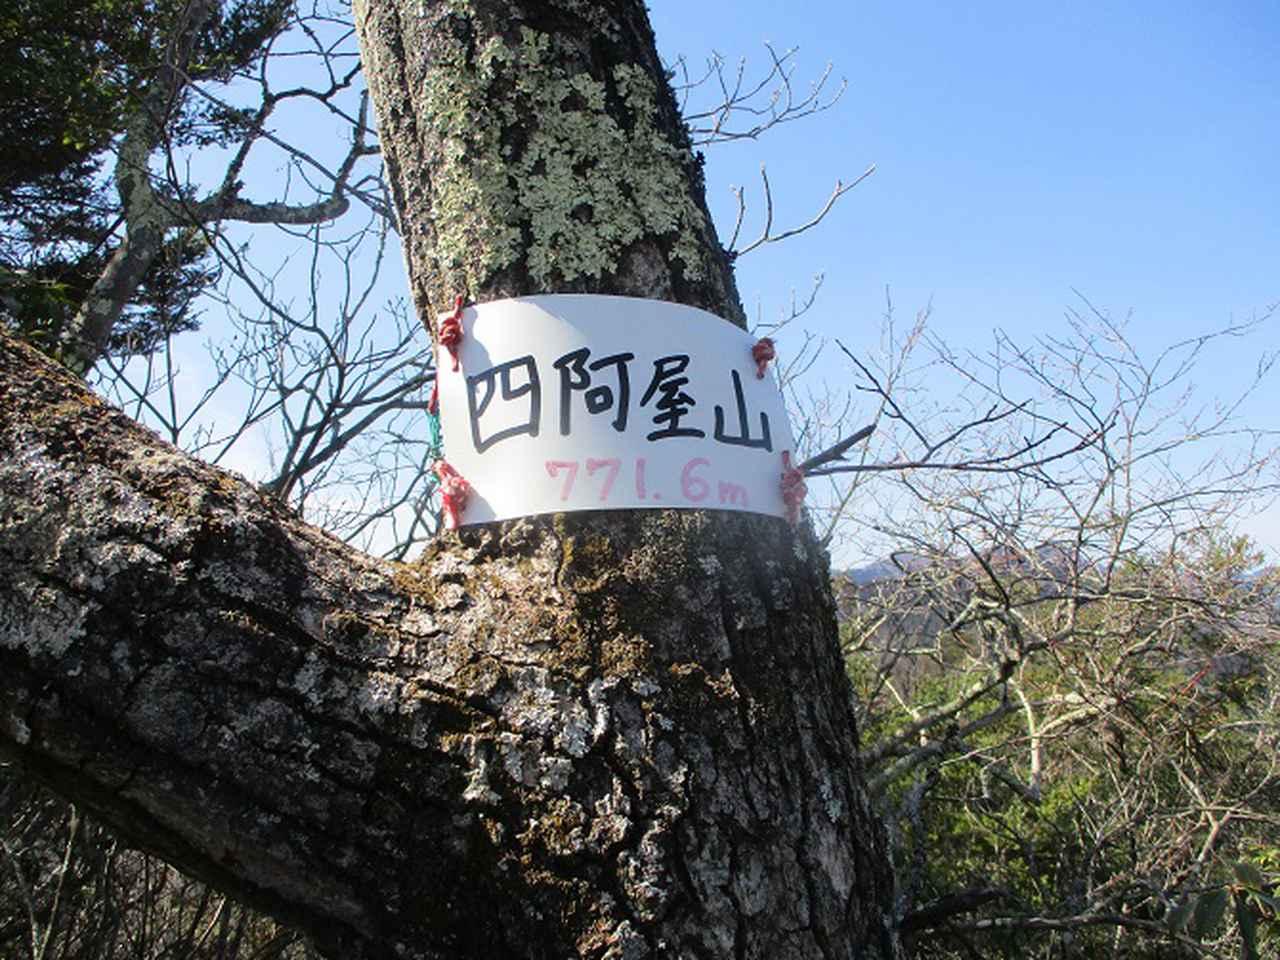 画像8: 来年春の企画素材を探して埼玉県小鹿野町の四阿屋山あたりを歩いてみました!